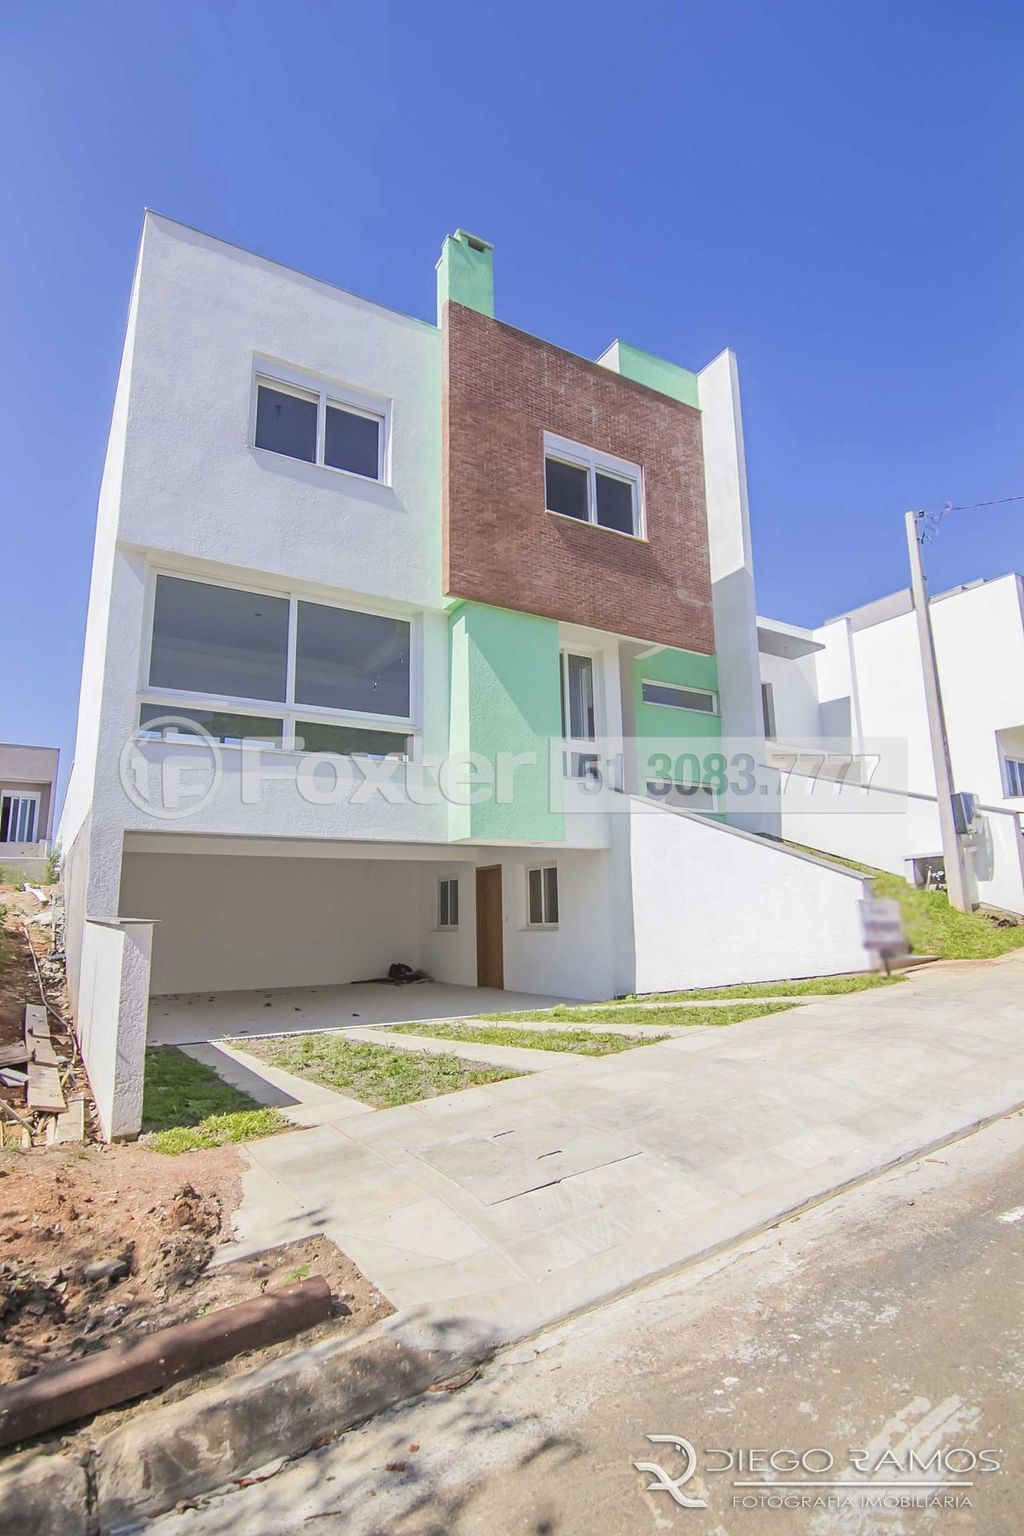 Foxter Imobiliária - Casa 3 Dorm, Mário Quintana - Foto 34